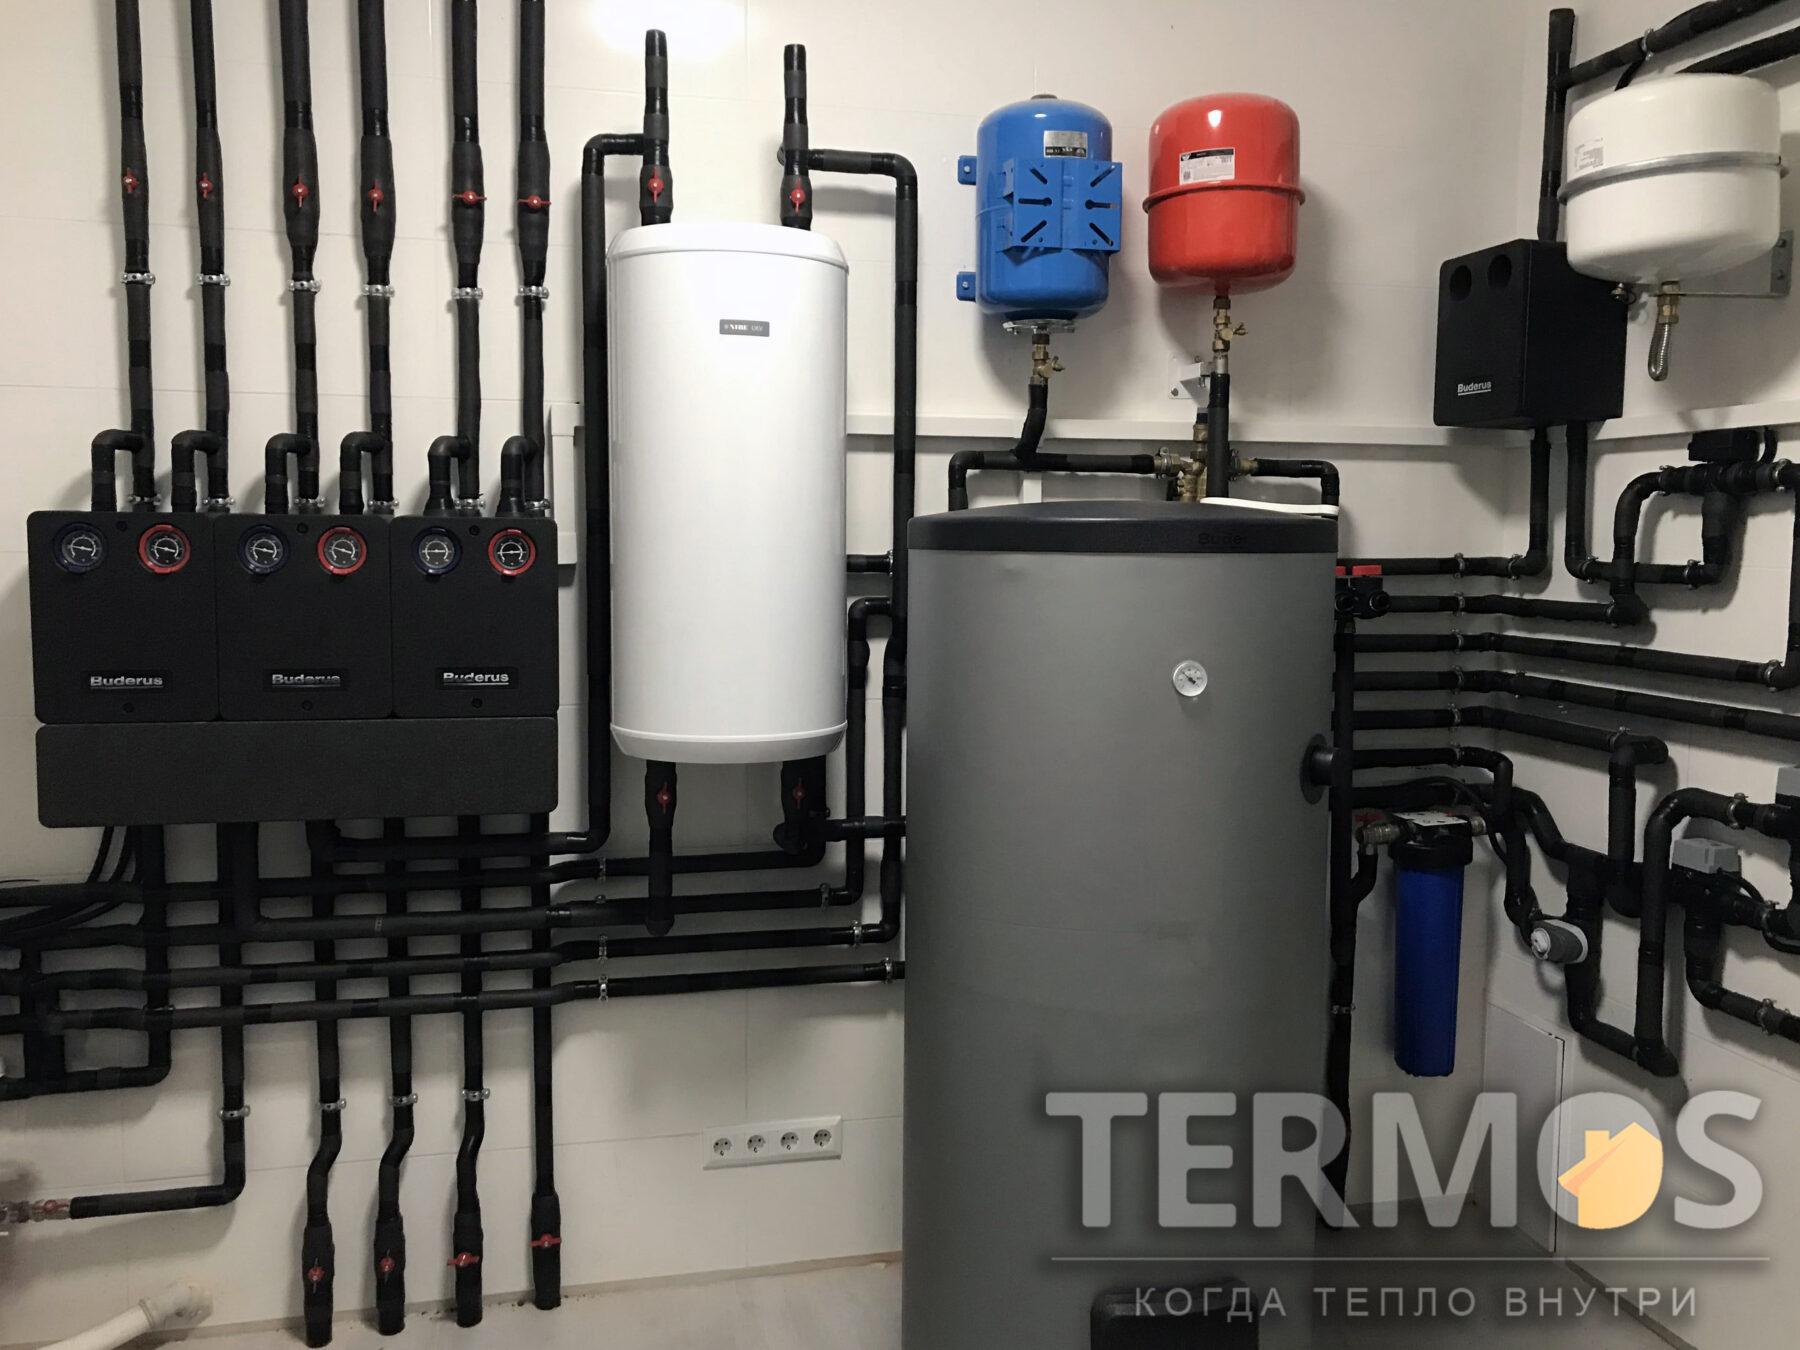 Функции: отопления дома теплым полом и внутрипольными конвекторами, приготовления горячей воды, нагрев бассейна, охлаждения дома летом настенными фанкойлами, управление системой через интернет